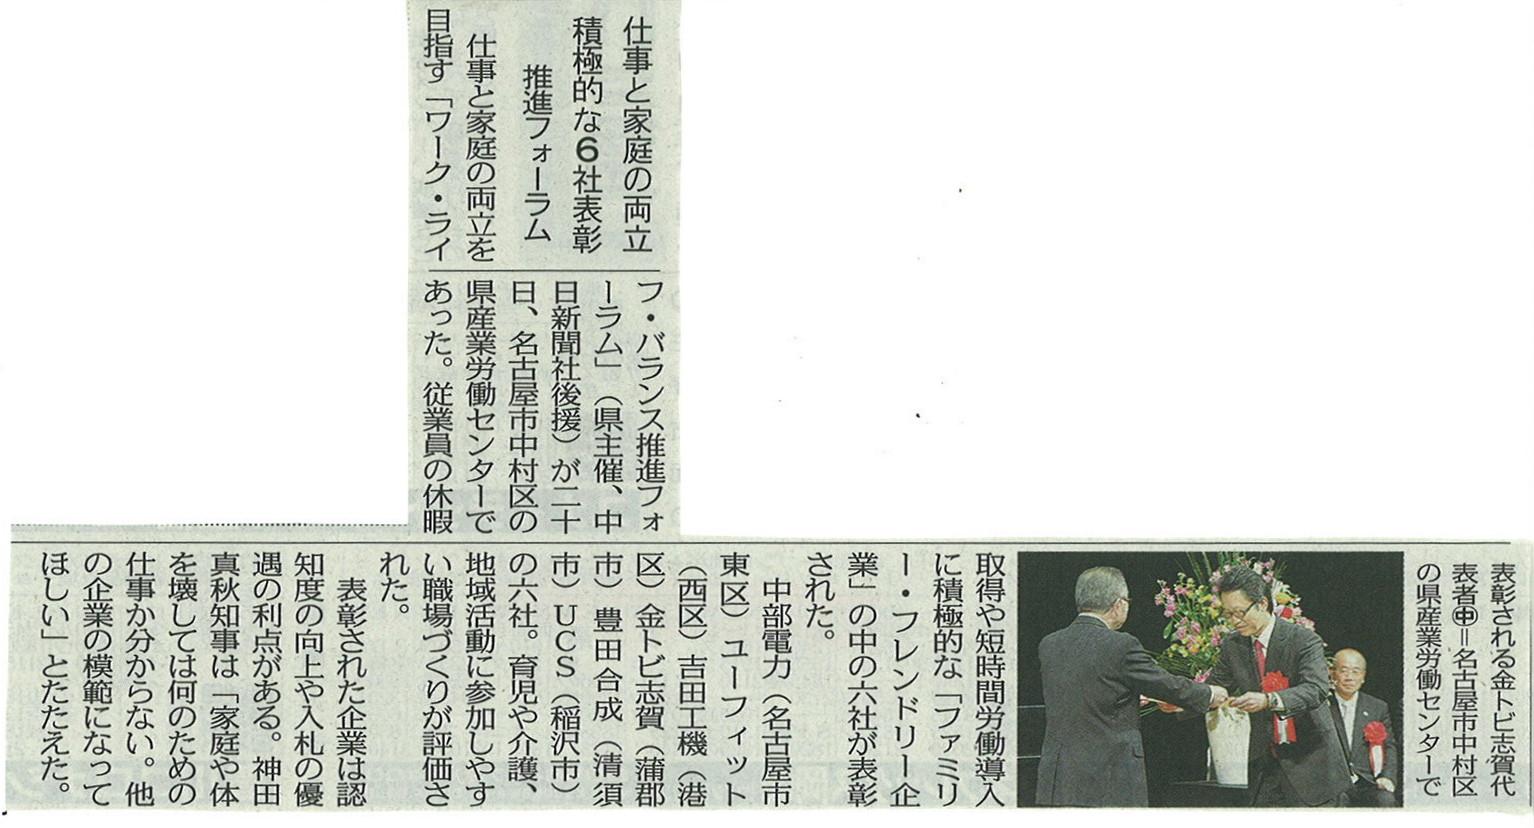 12/21の中日新聞に掲載されました_d0166534_7595575.jpg